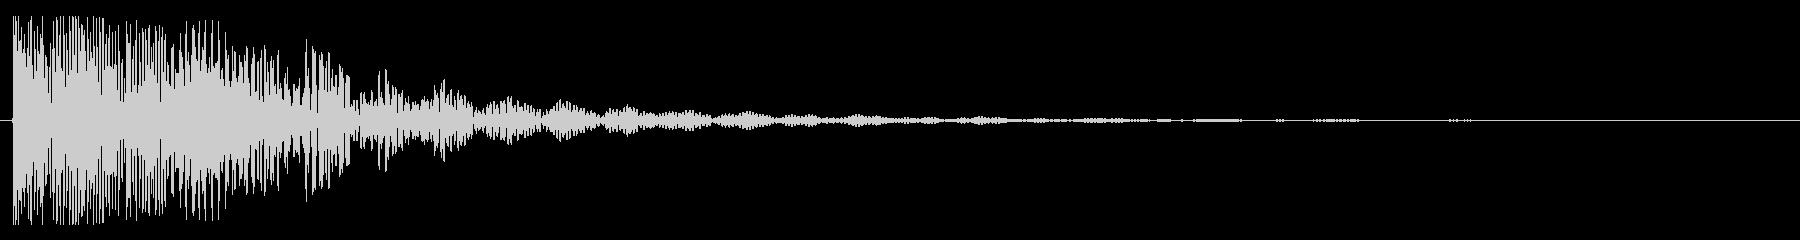 ズドーン(重たい一発)の未再生の波形